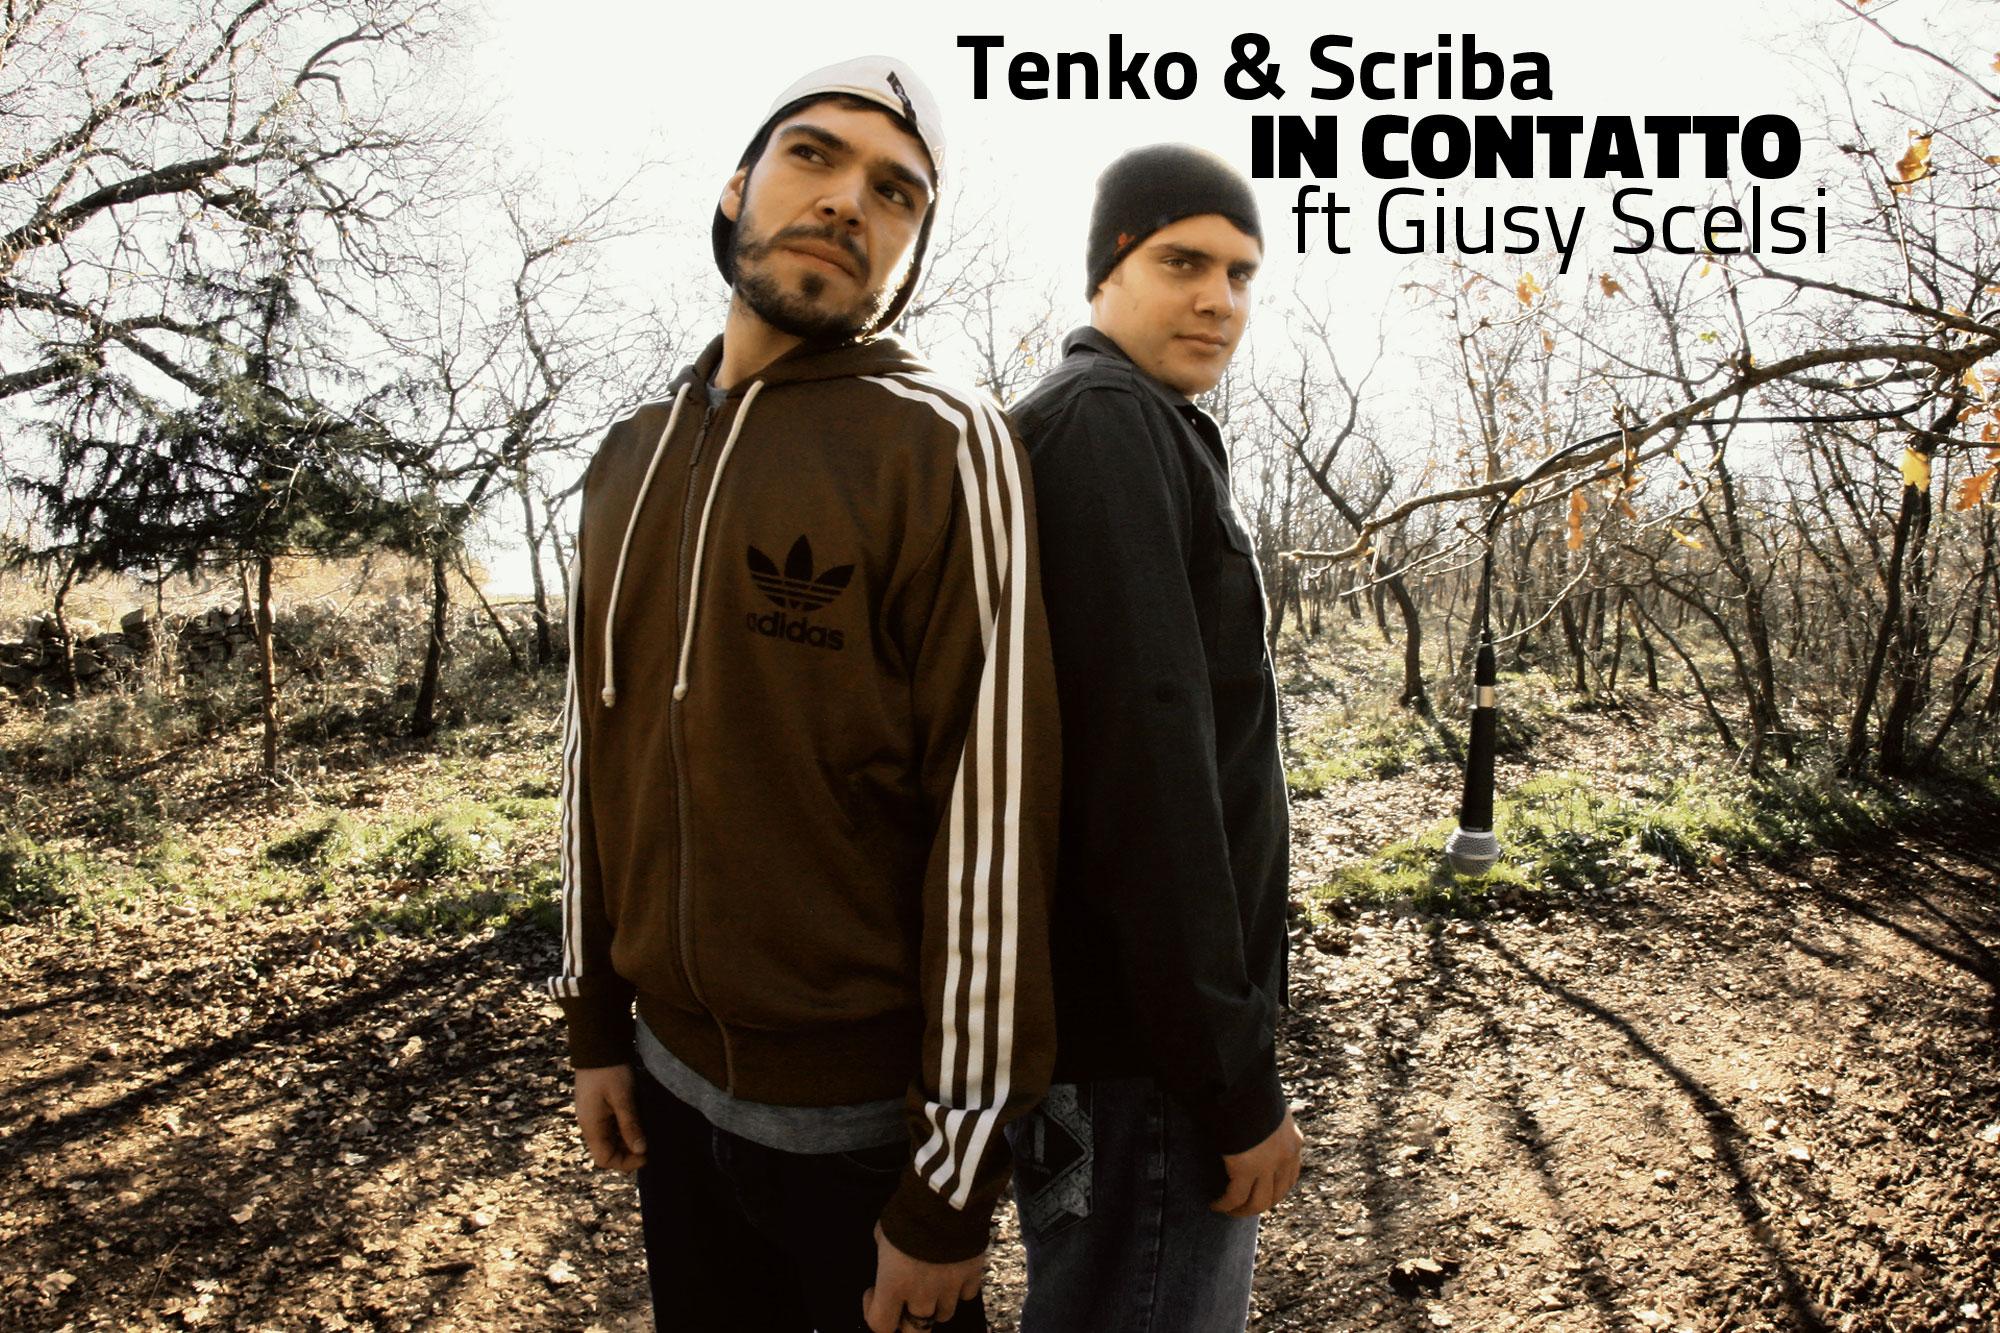 Tenko e Scriba